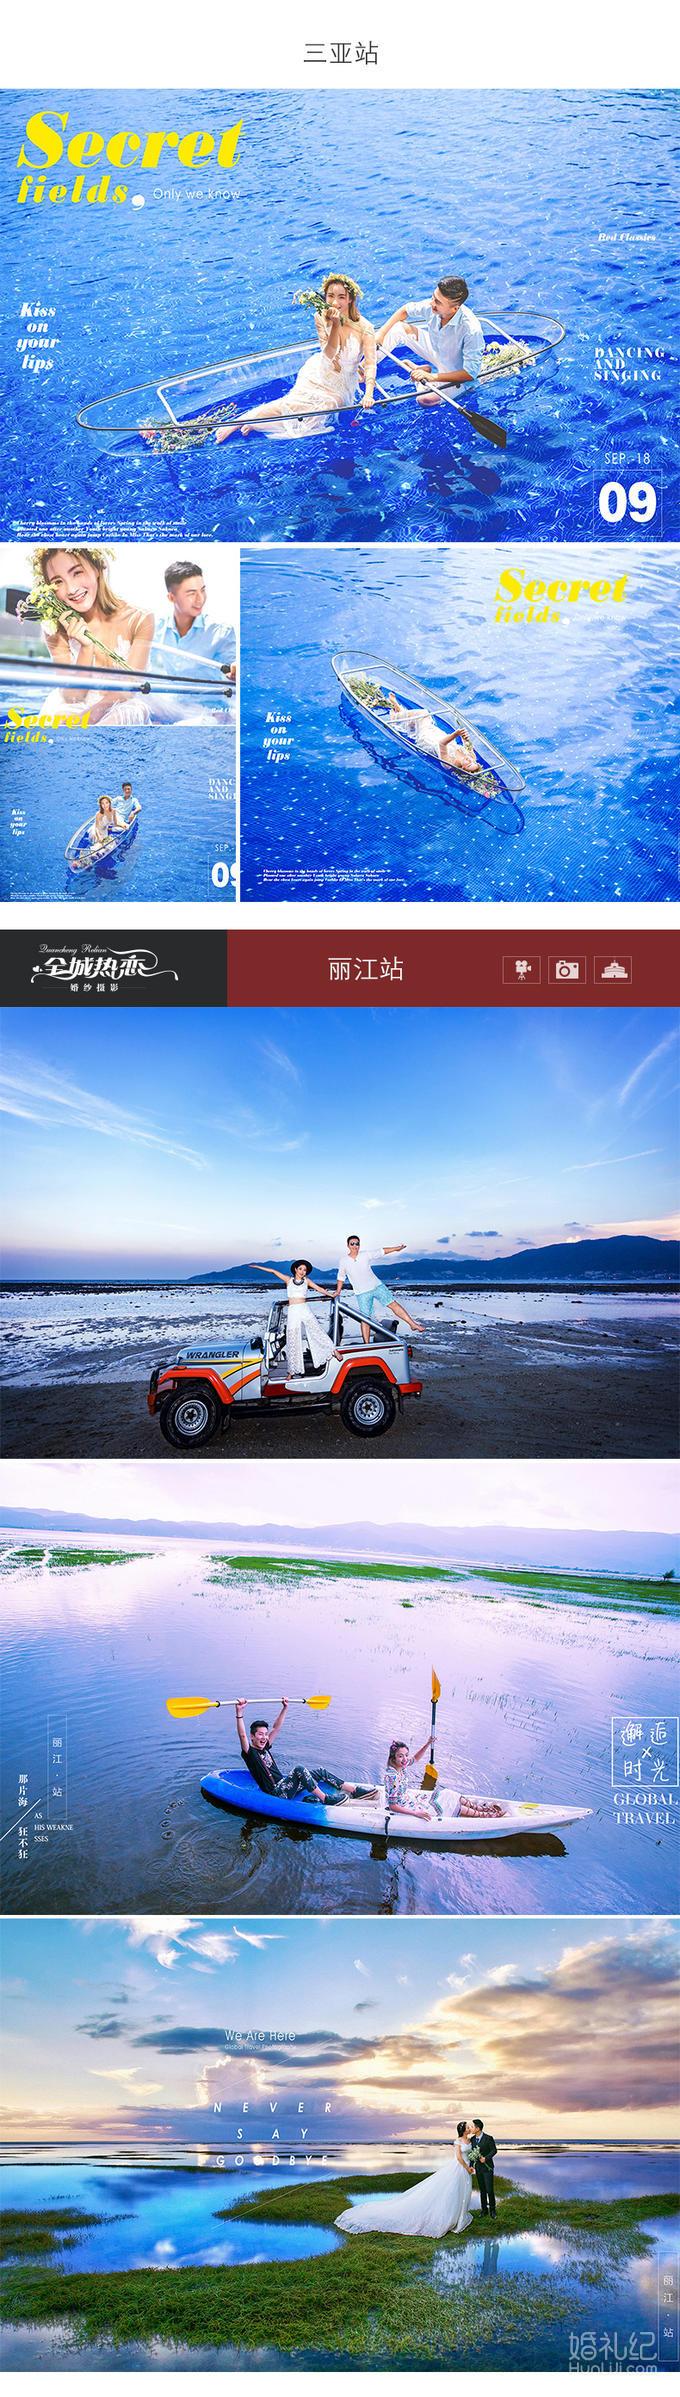 全城热恋婚纱摄影拍摄北京丽江三亚厦门大理团购